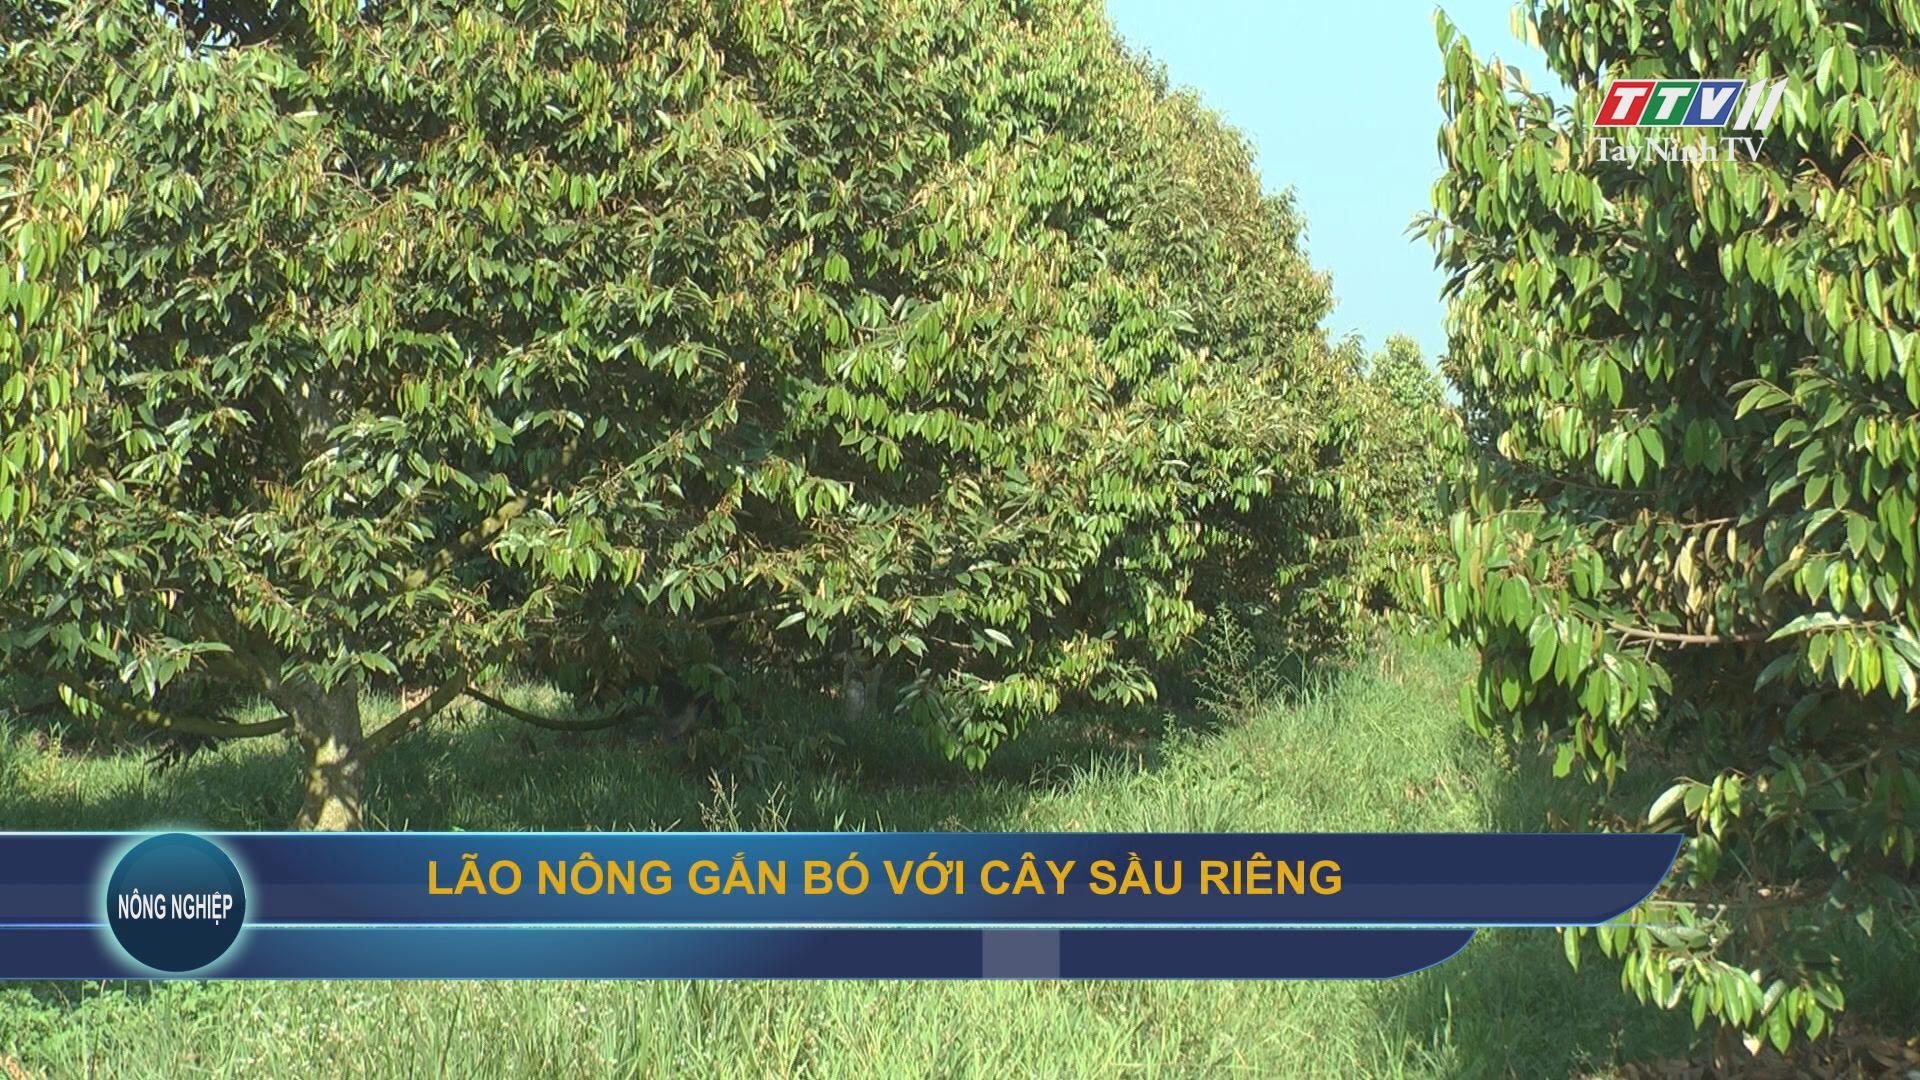 Lão nông gắn bó với cây sầu riêng   NÔNG NGHIỆP TÂY NINH   TayNinhTV